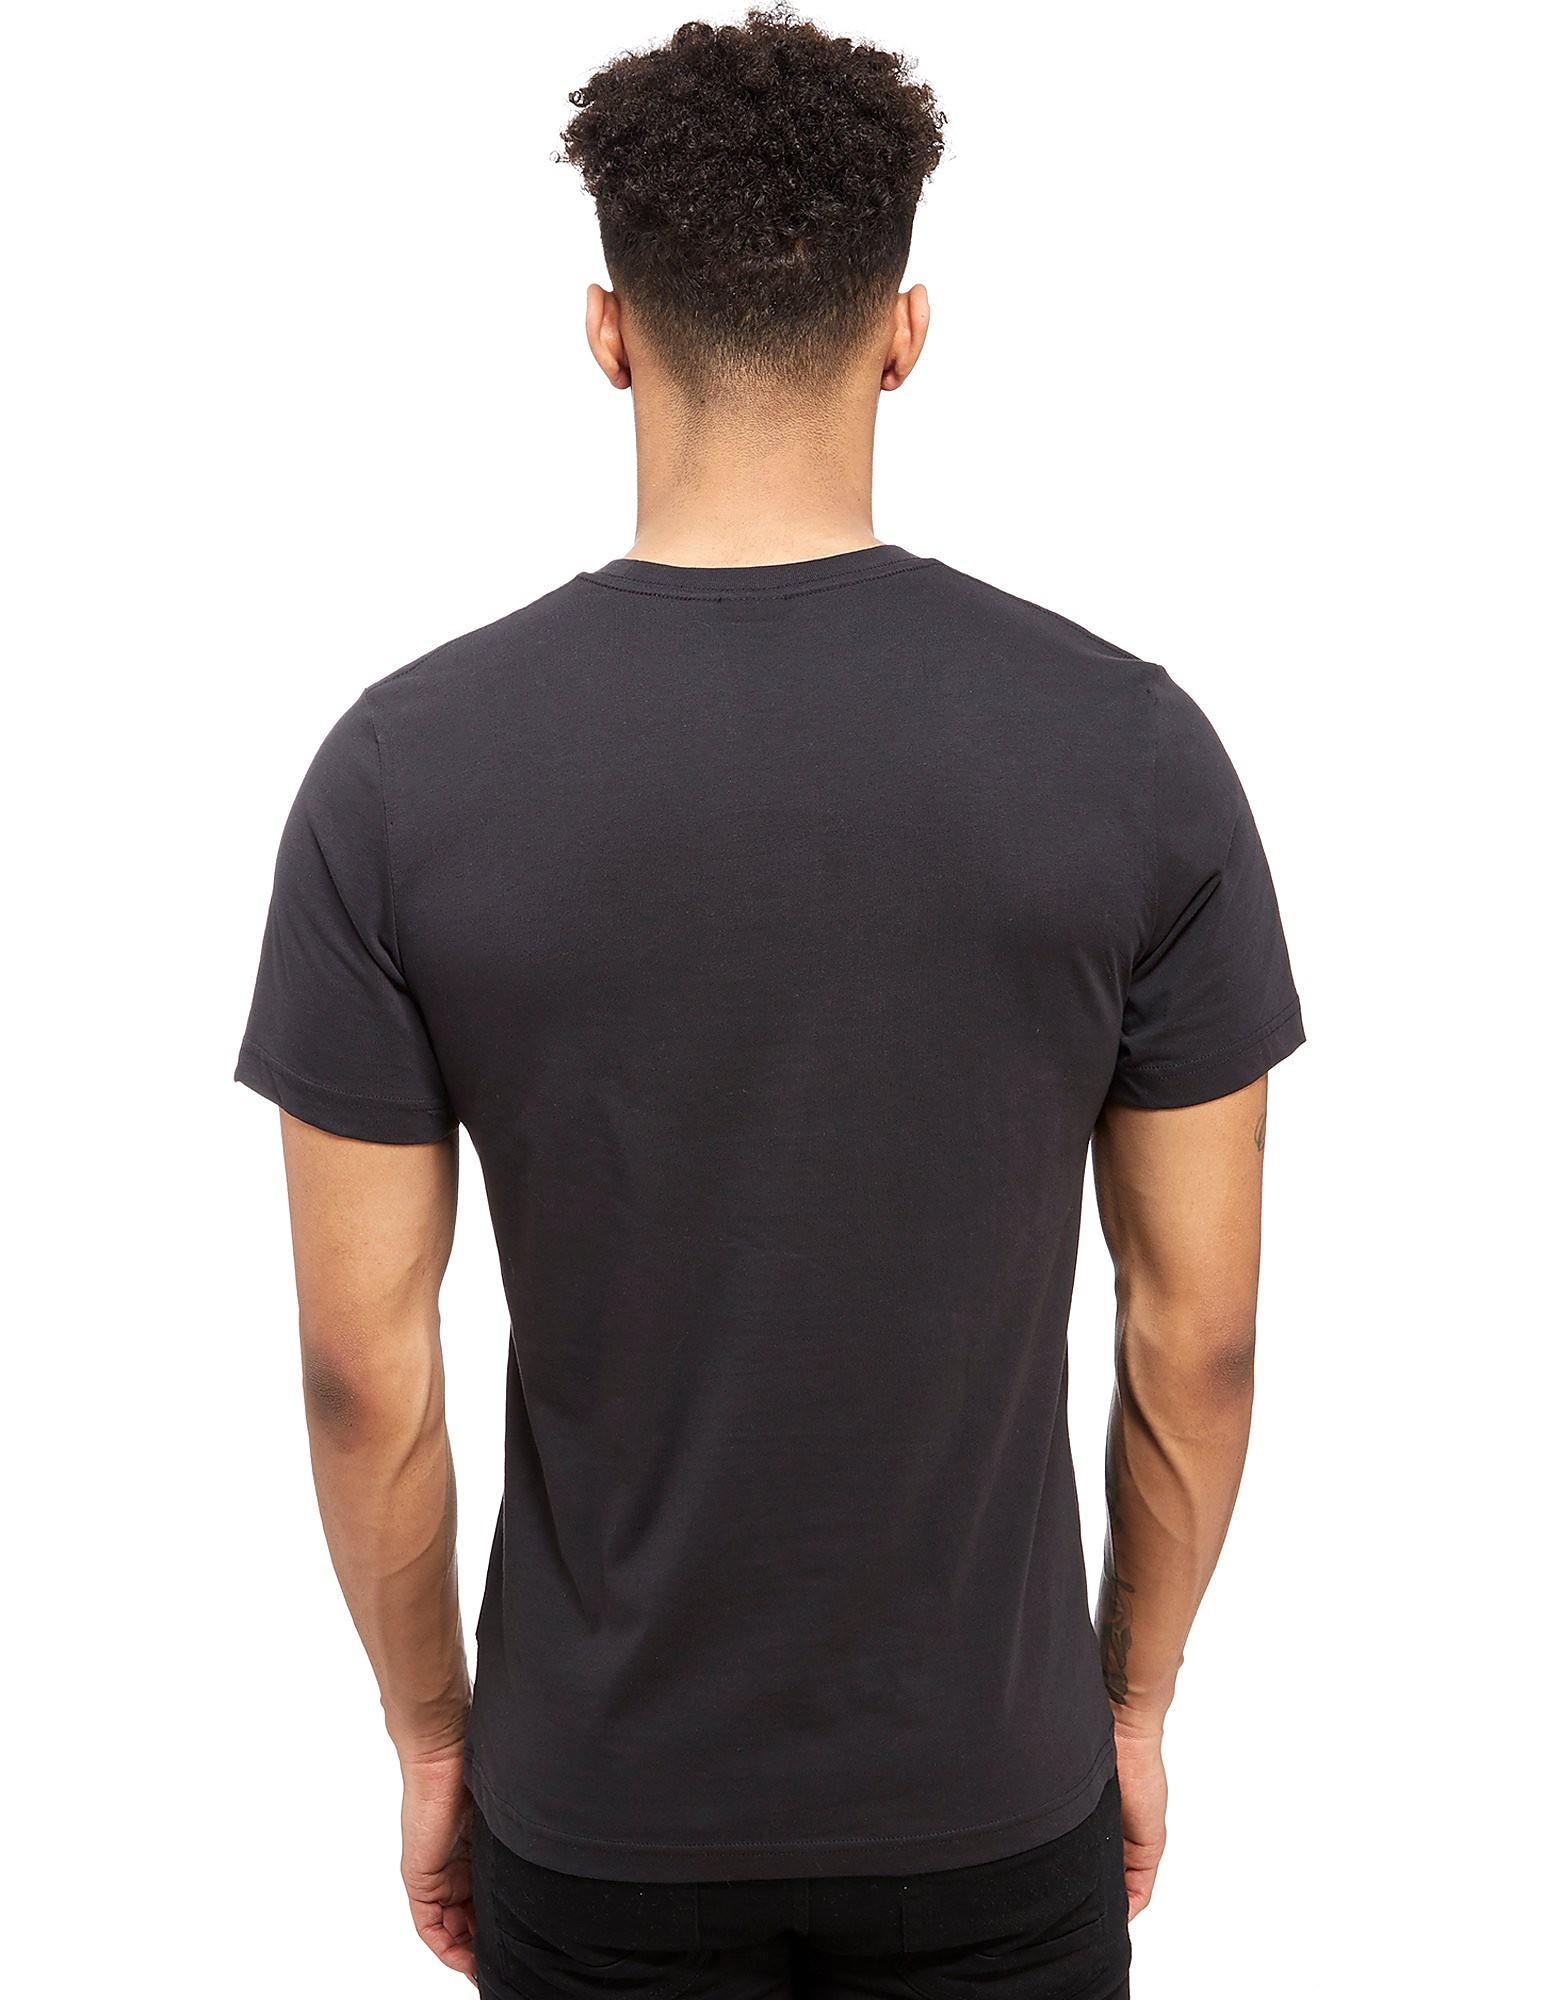 adidas Originals Nomad Camo T-Shirt